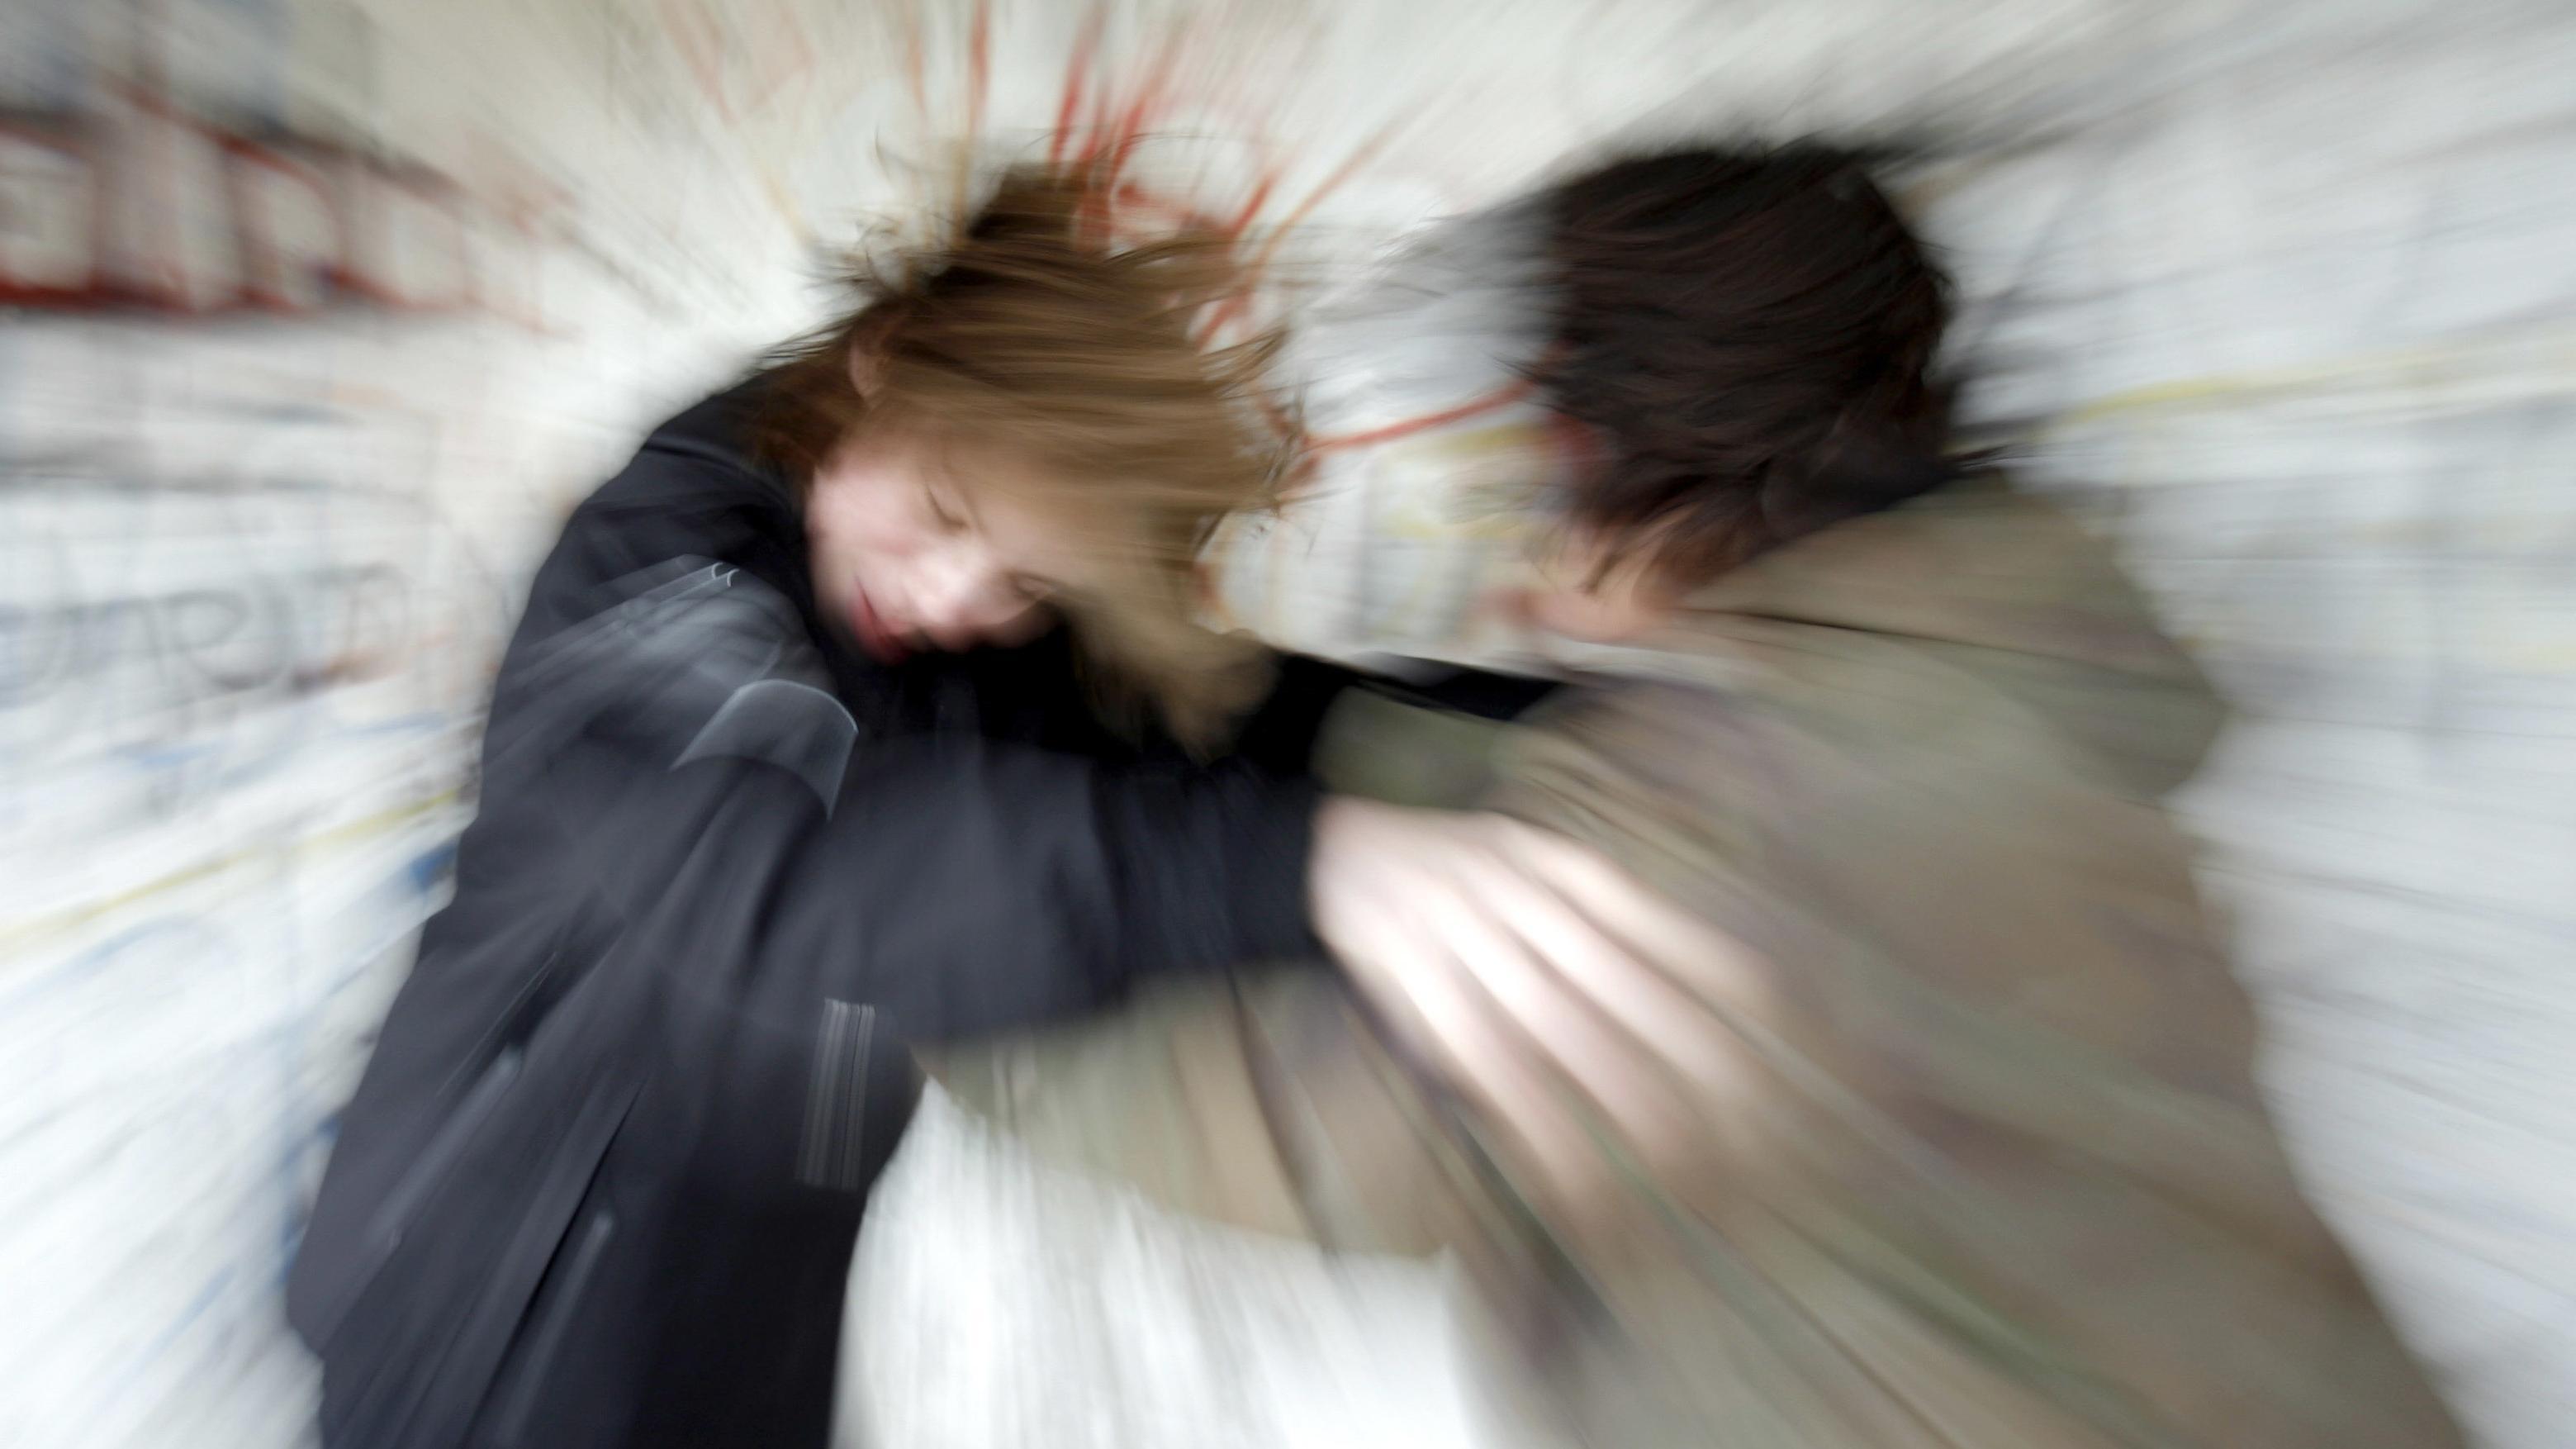 Schlägerei zwischen zwei Jugendlichen